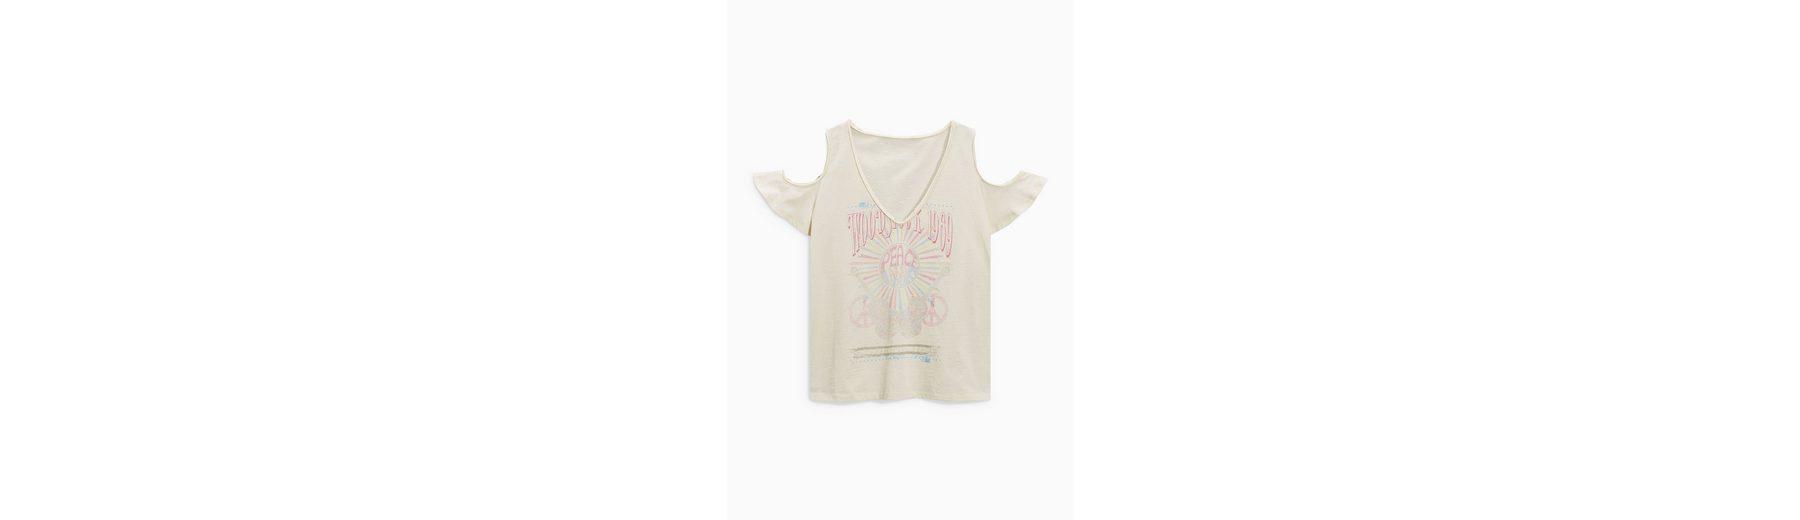 Next Schulterfreies Woodstock-T-Shirt Gut Verkaufen Verkauf Online Bester Lieferant Offizielle Seite Günstiger Preis Billig Verkauf Besuch Günstig Kaufen Footlocker Bilder Vwdue